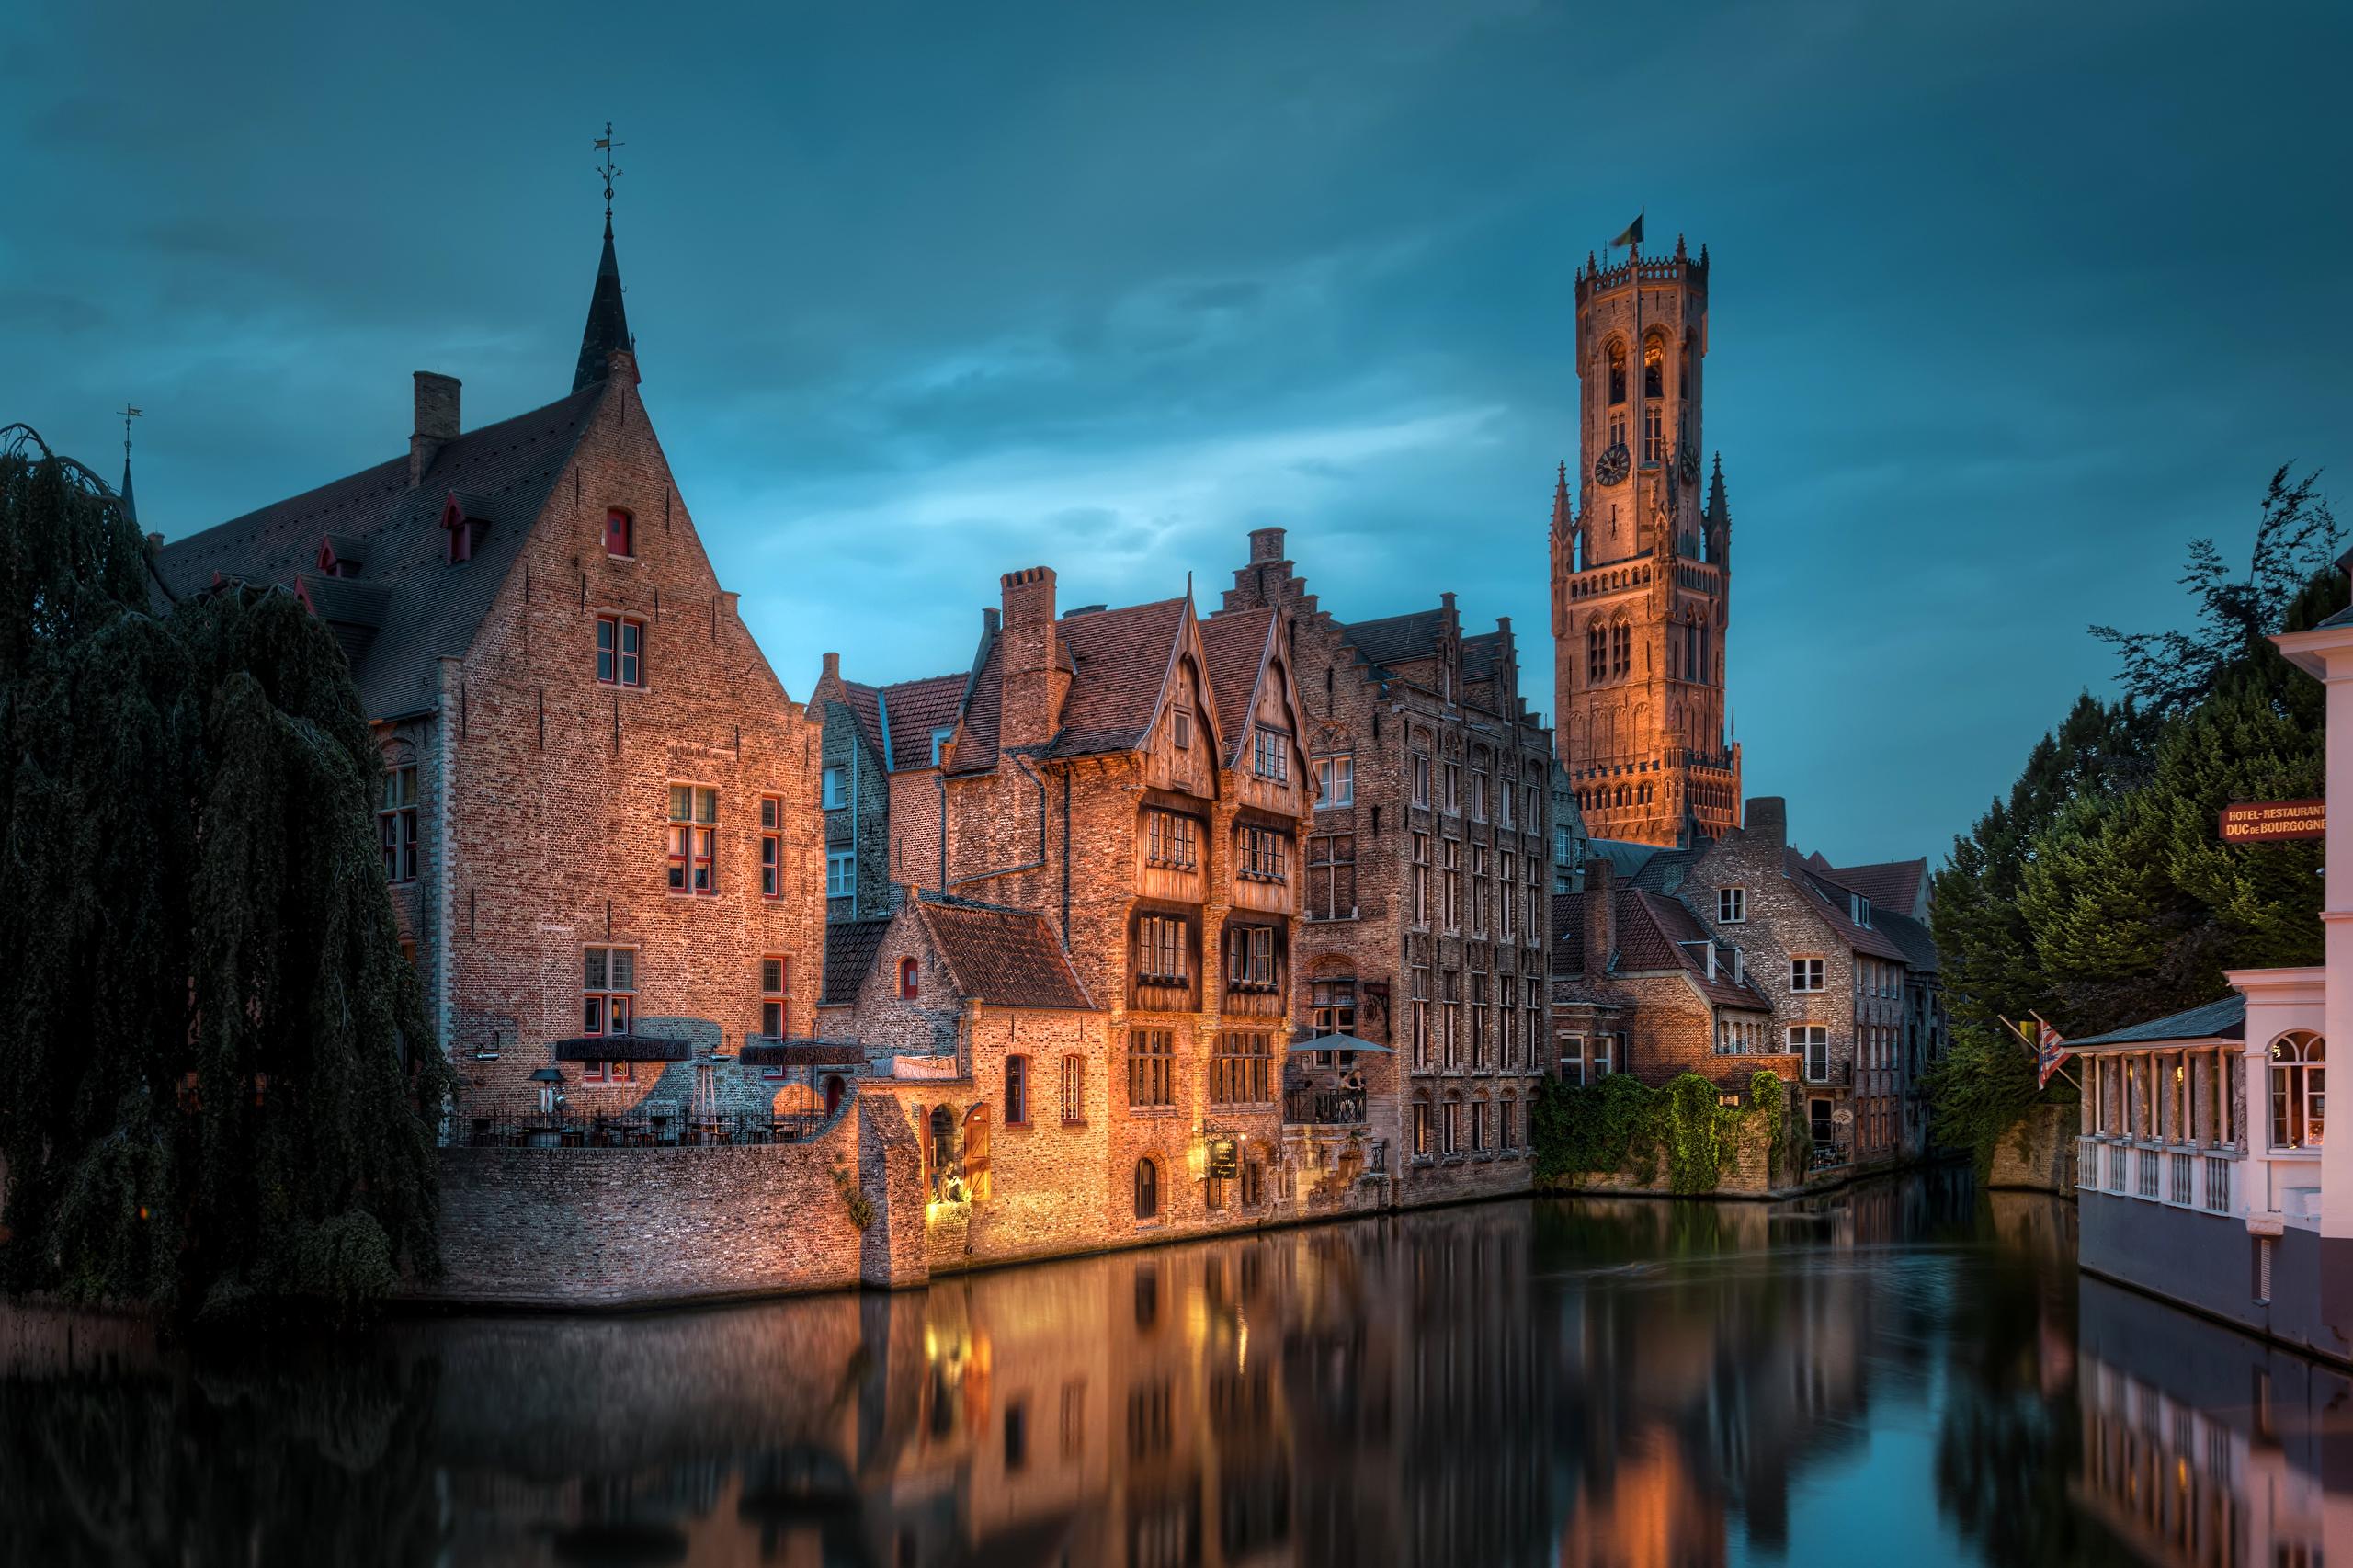 страны архитектура река Бельгия Брюгге  № 1730899 загрузить